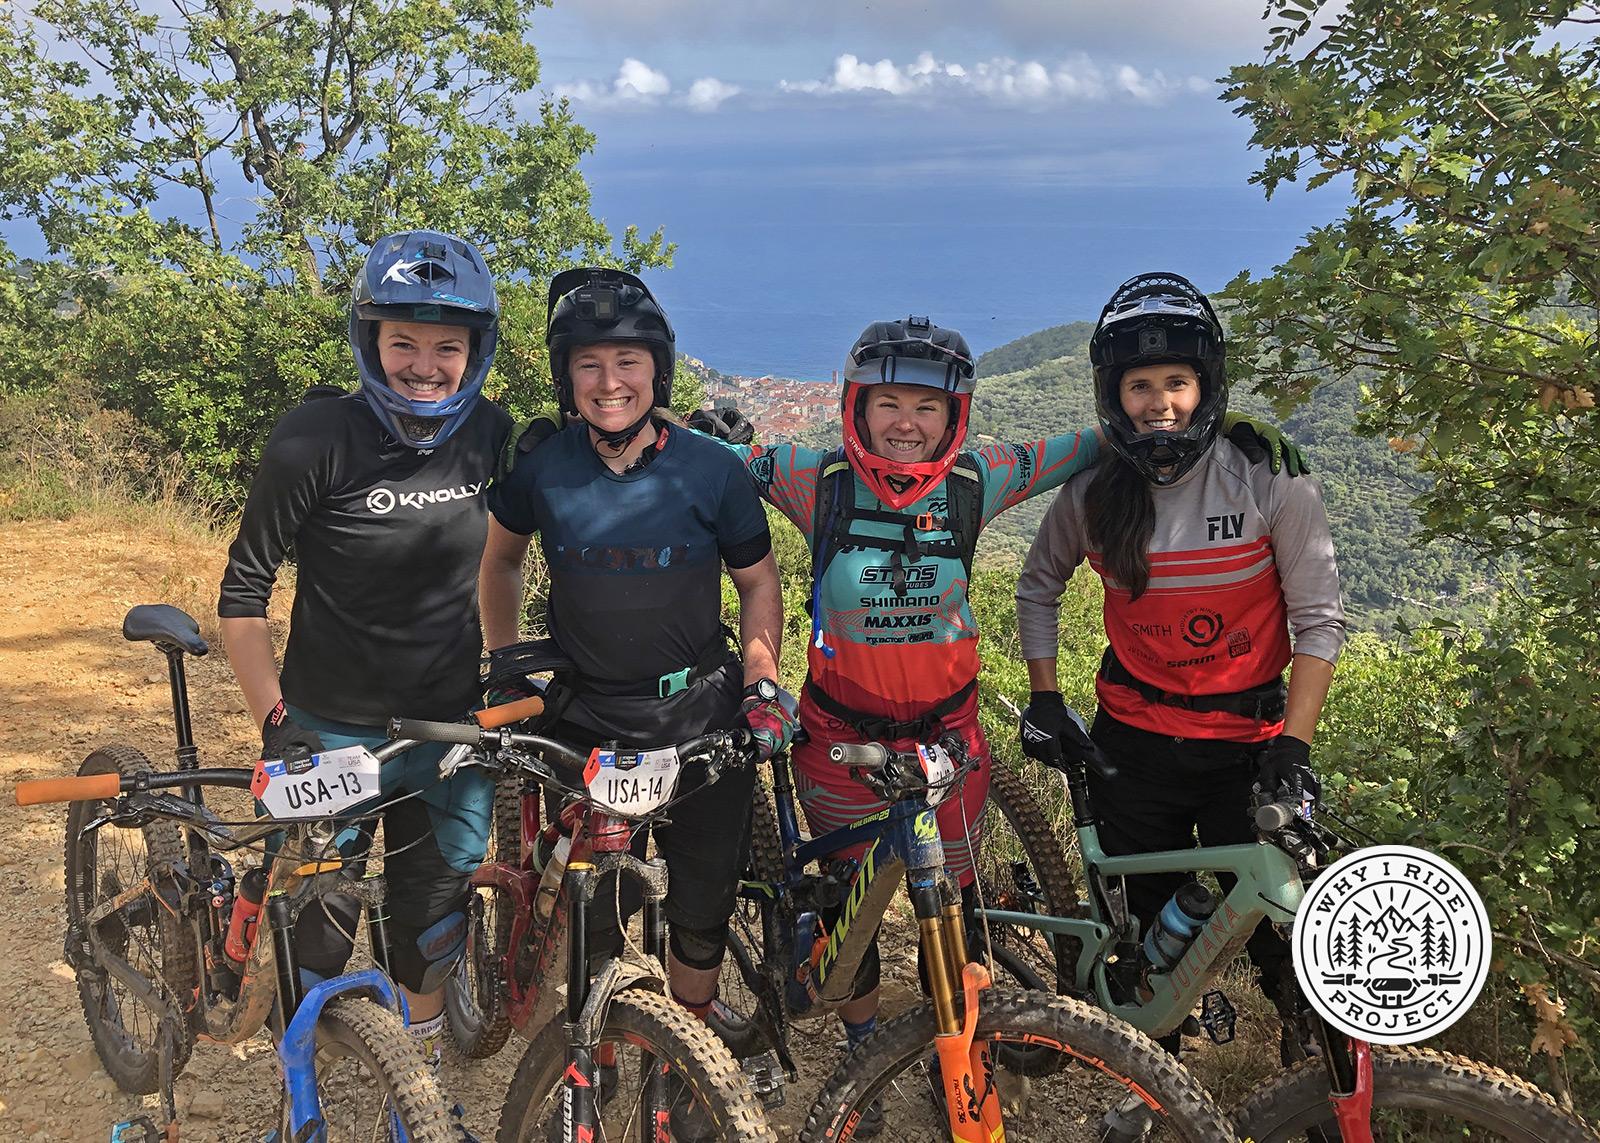 Mountain bike enduro racers all smiles on the trail.